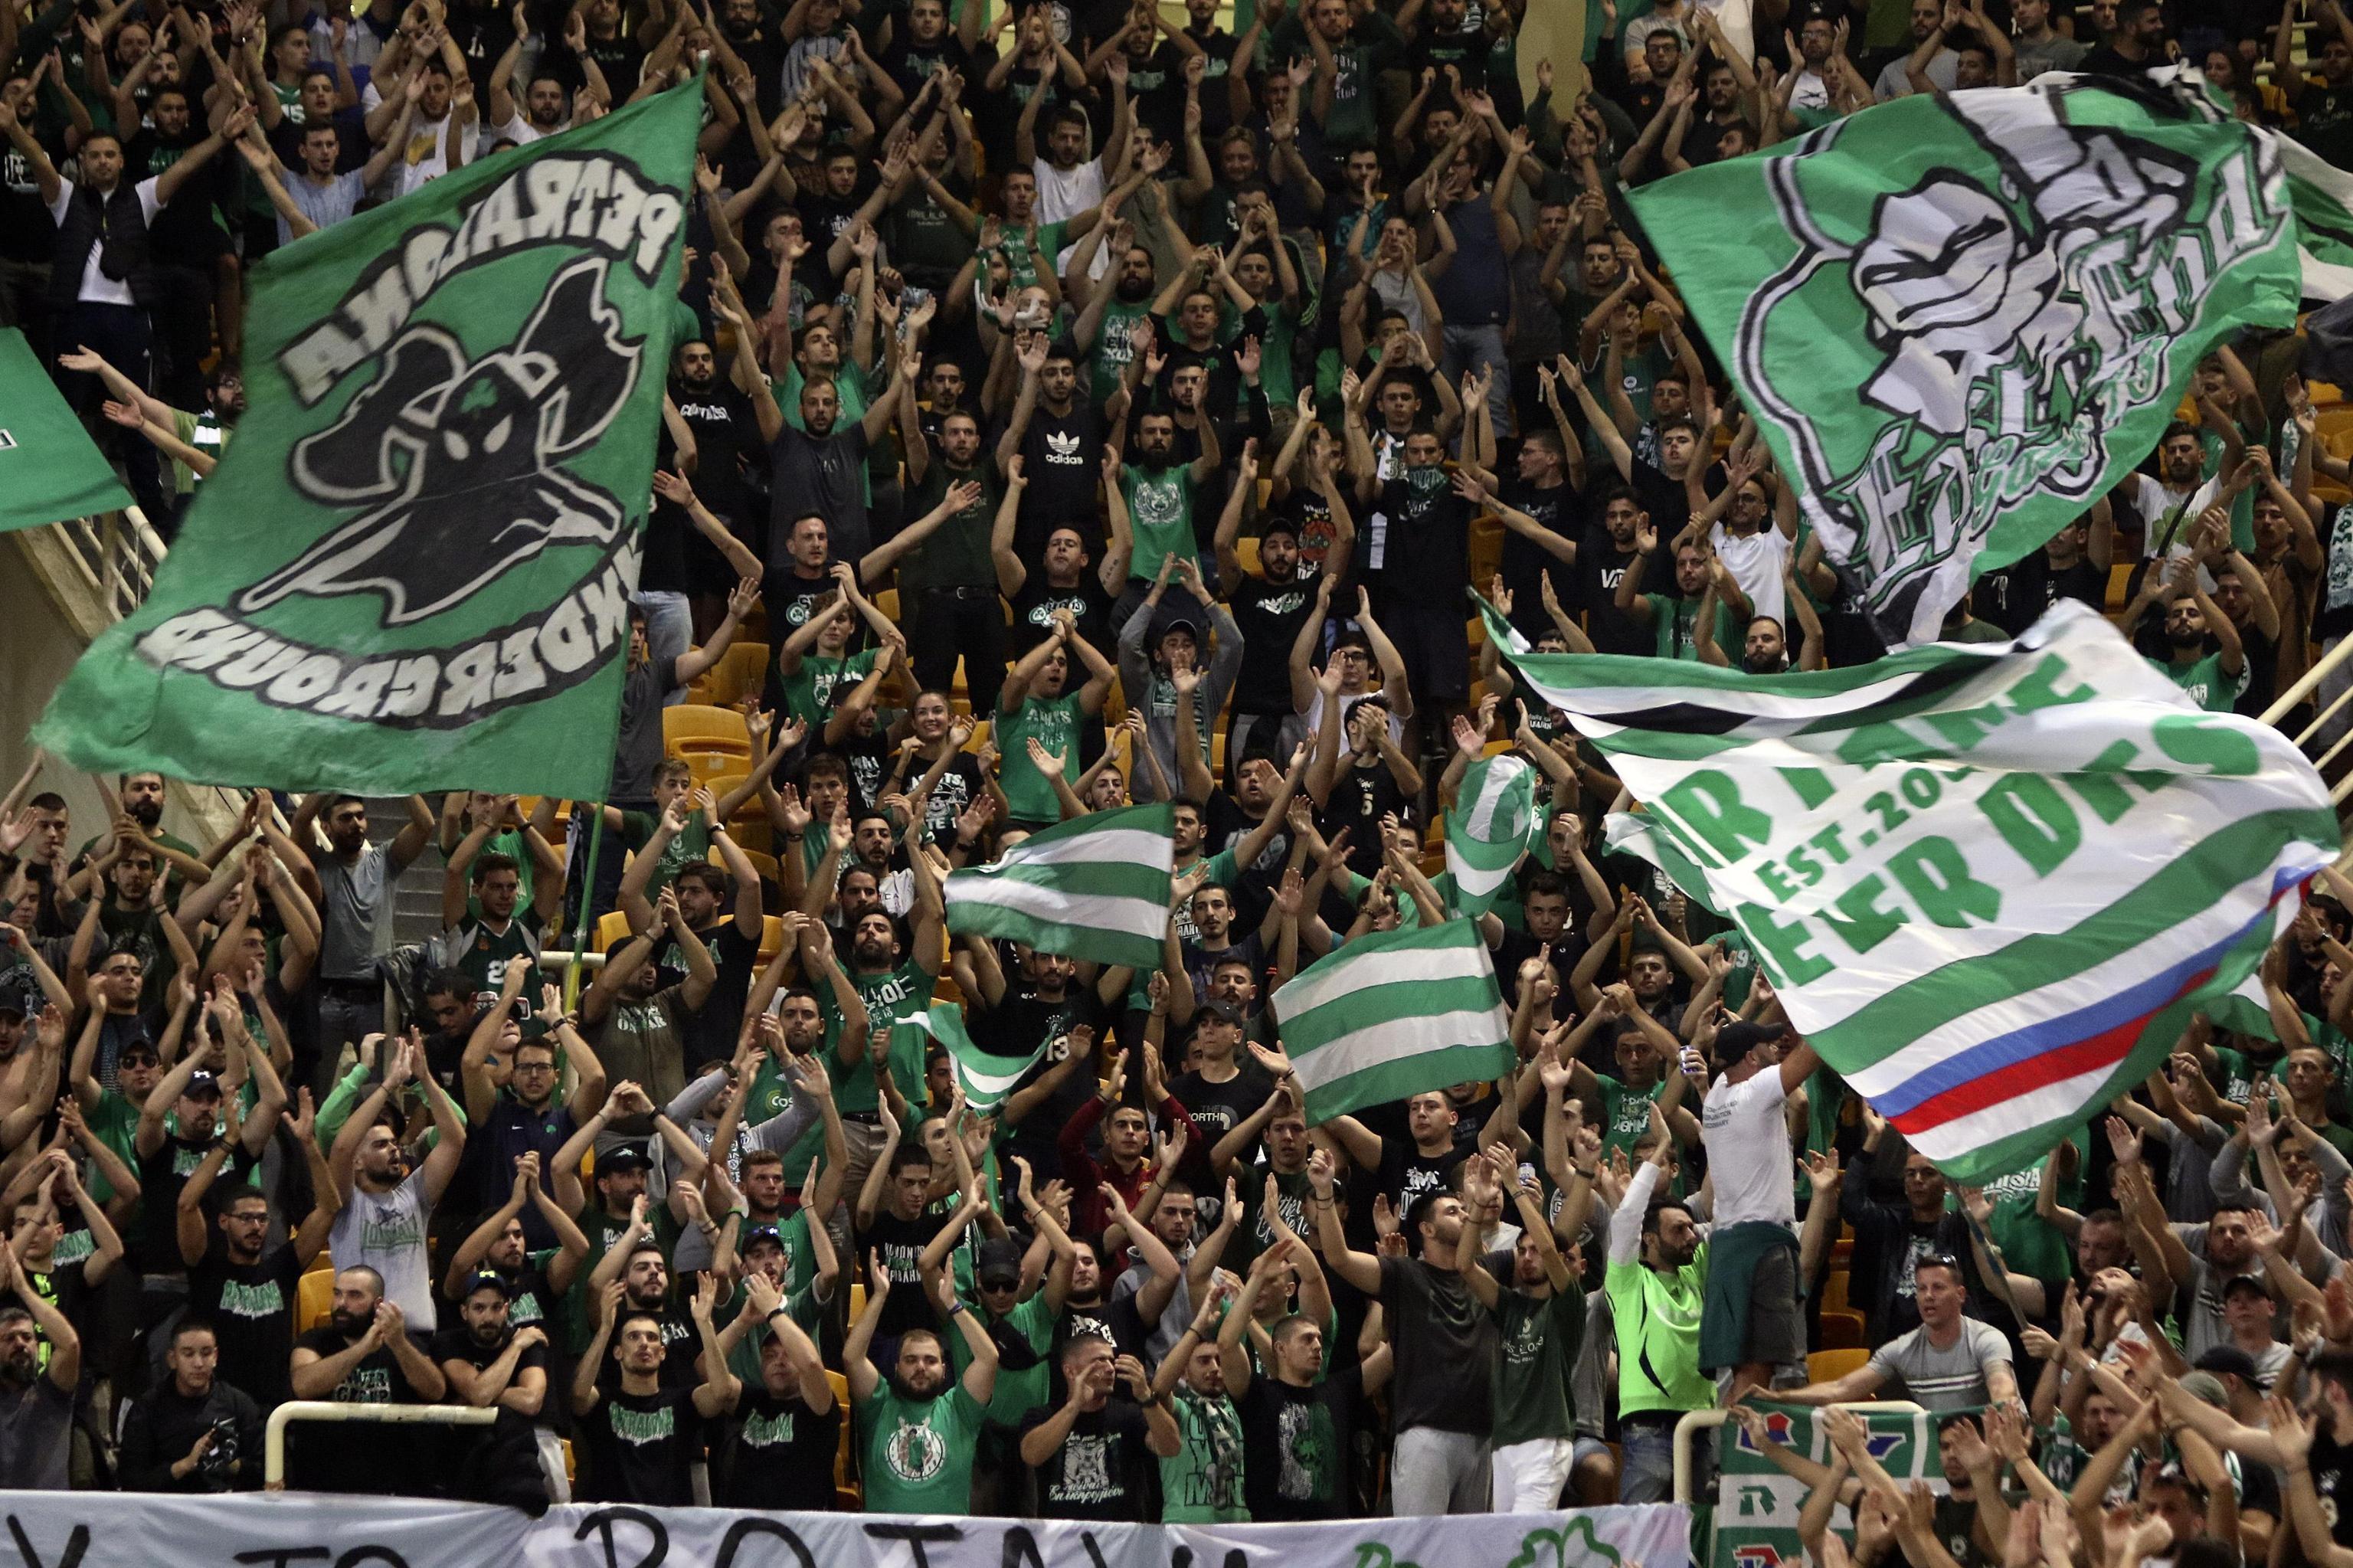 Successo per 79-78 sul campo del Panathinaikos nella terza giornata di Eurolega